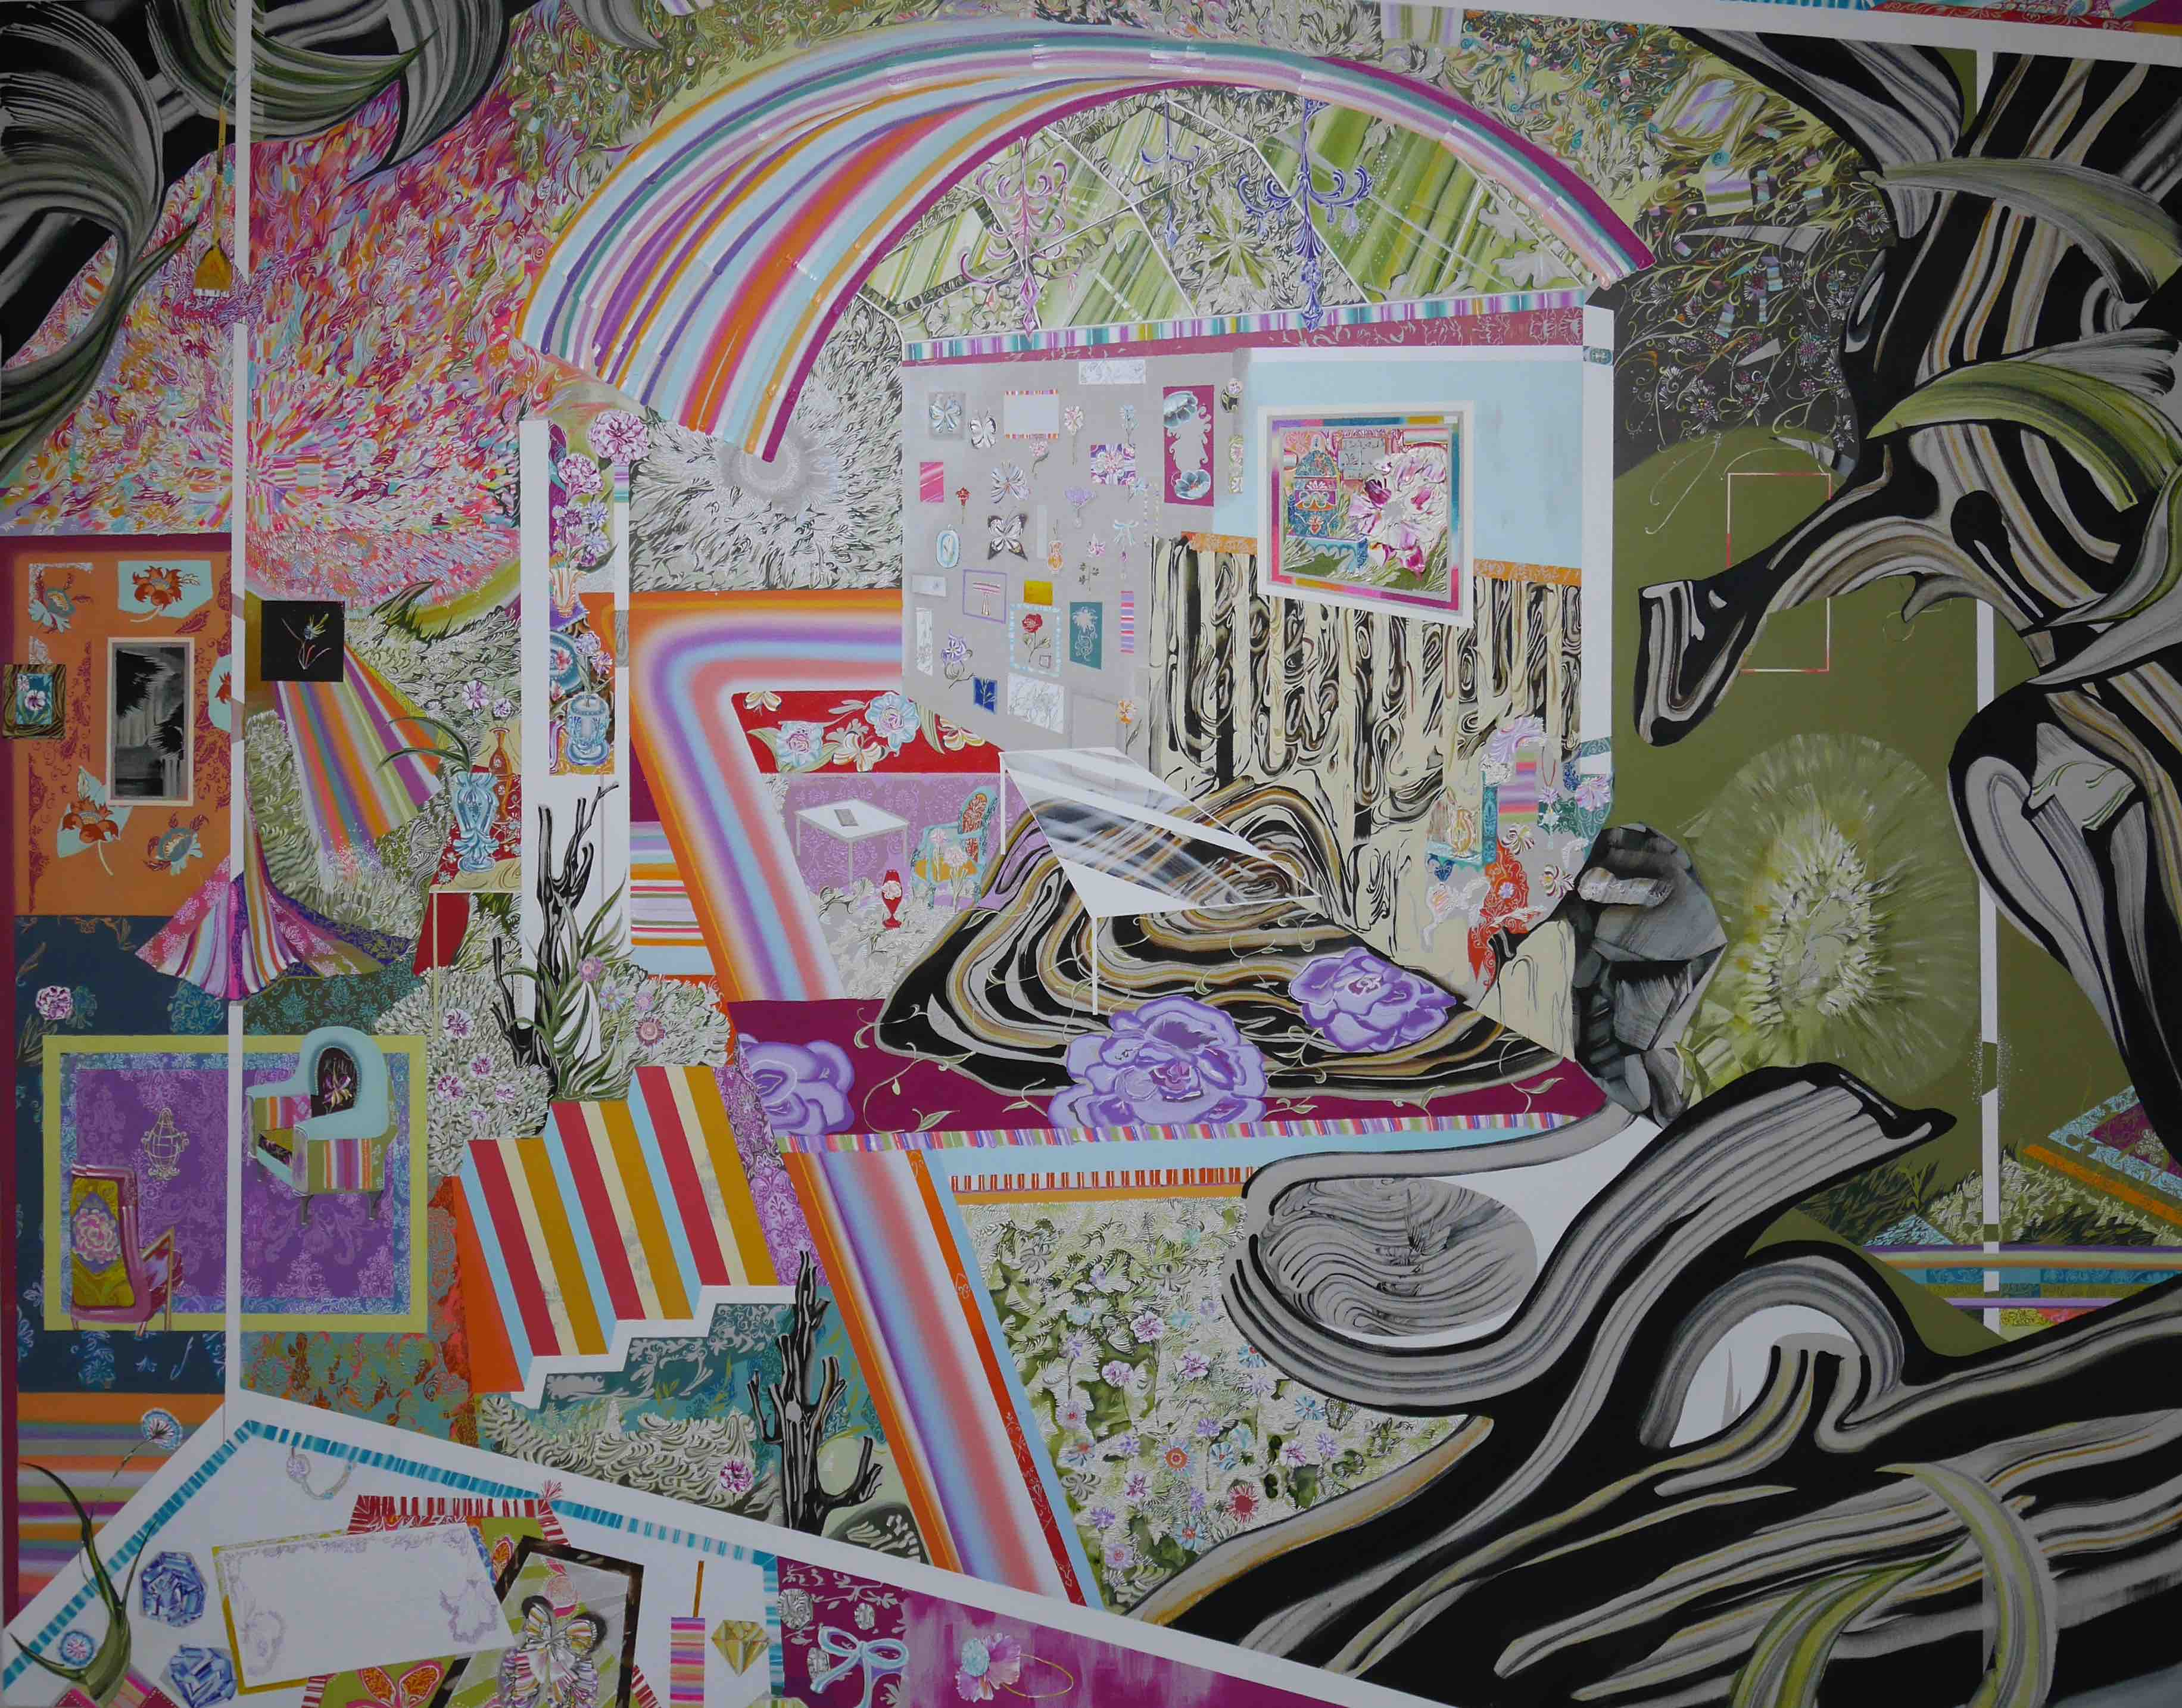 見つくすことが出来ない絵画 水野里奈個展  「絵画とドローイングの境界線」【今週のおすすめアート】